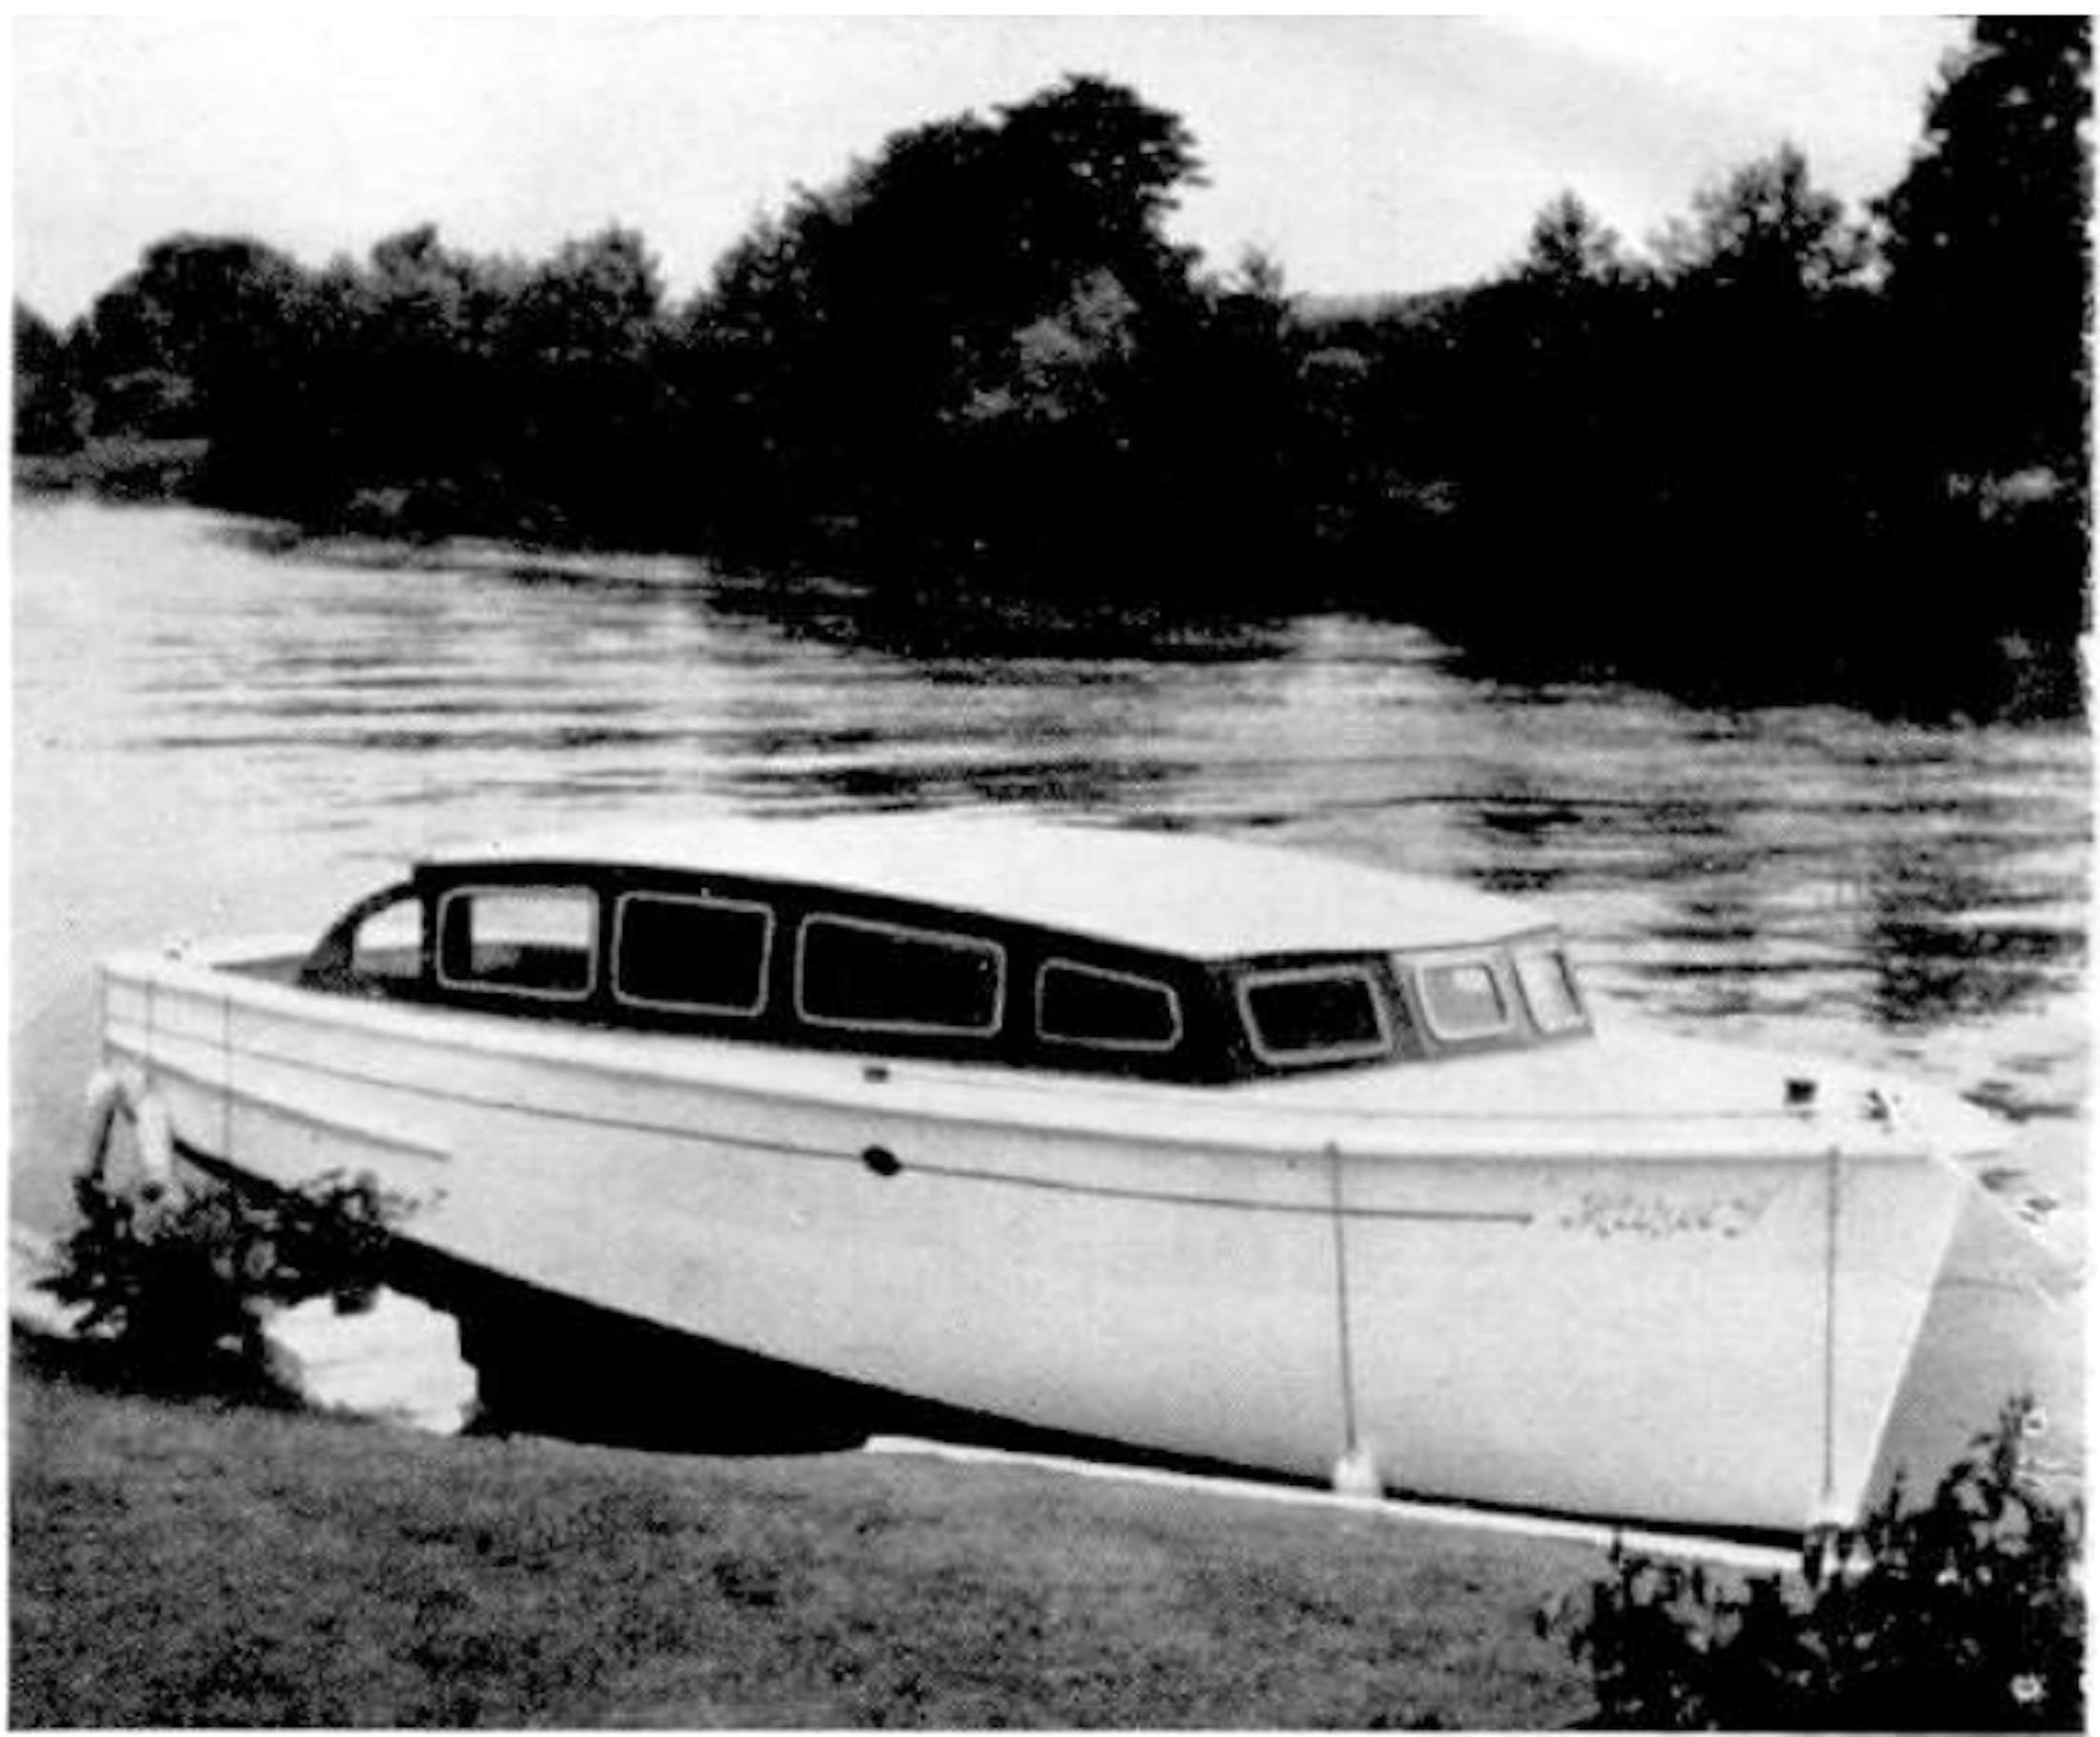 Hazel G - A94 in the early 1960s